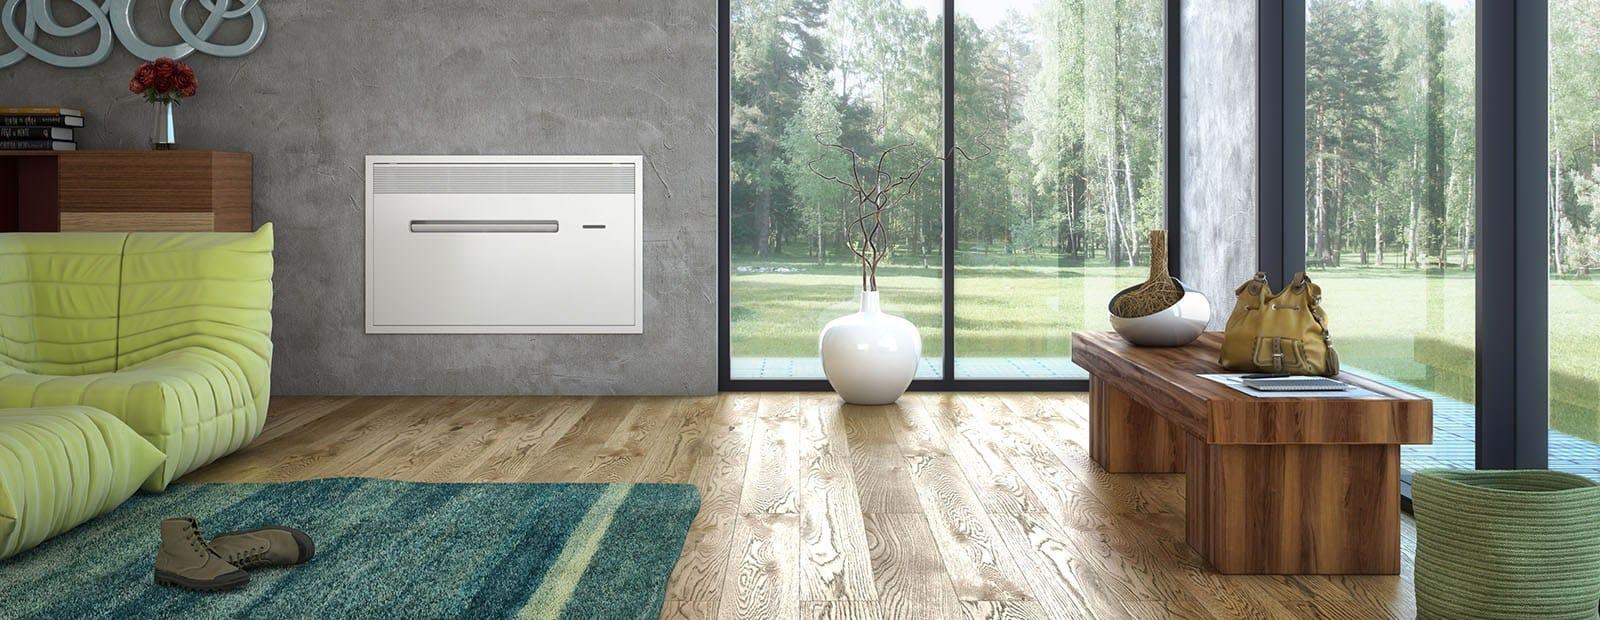 Climatizzatore a parete con sistema inverter senza unit esterna unico air inverter incasso by - Condizionatori ad acqua senza unita esterna ...